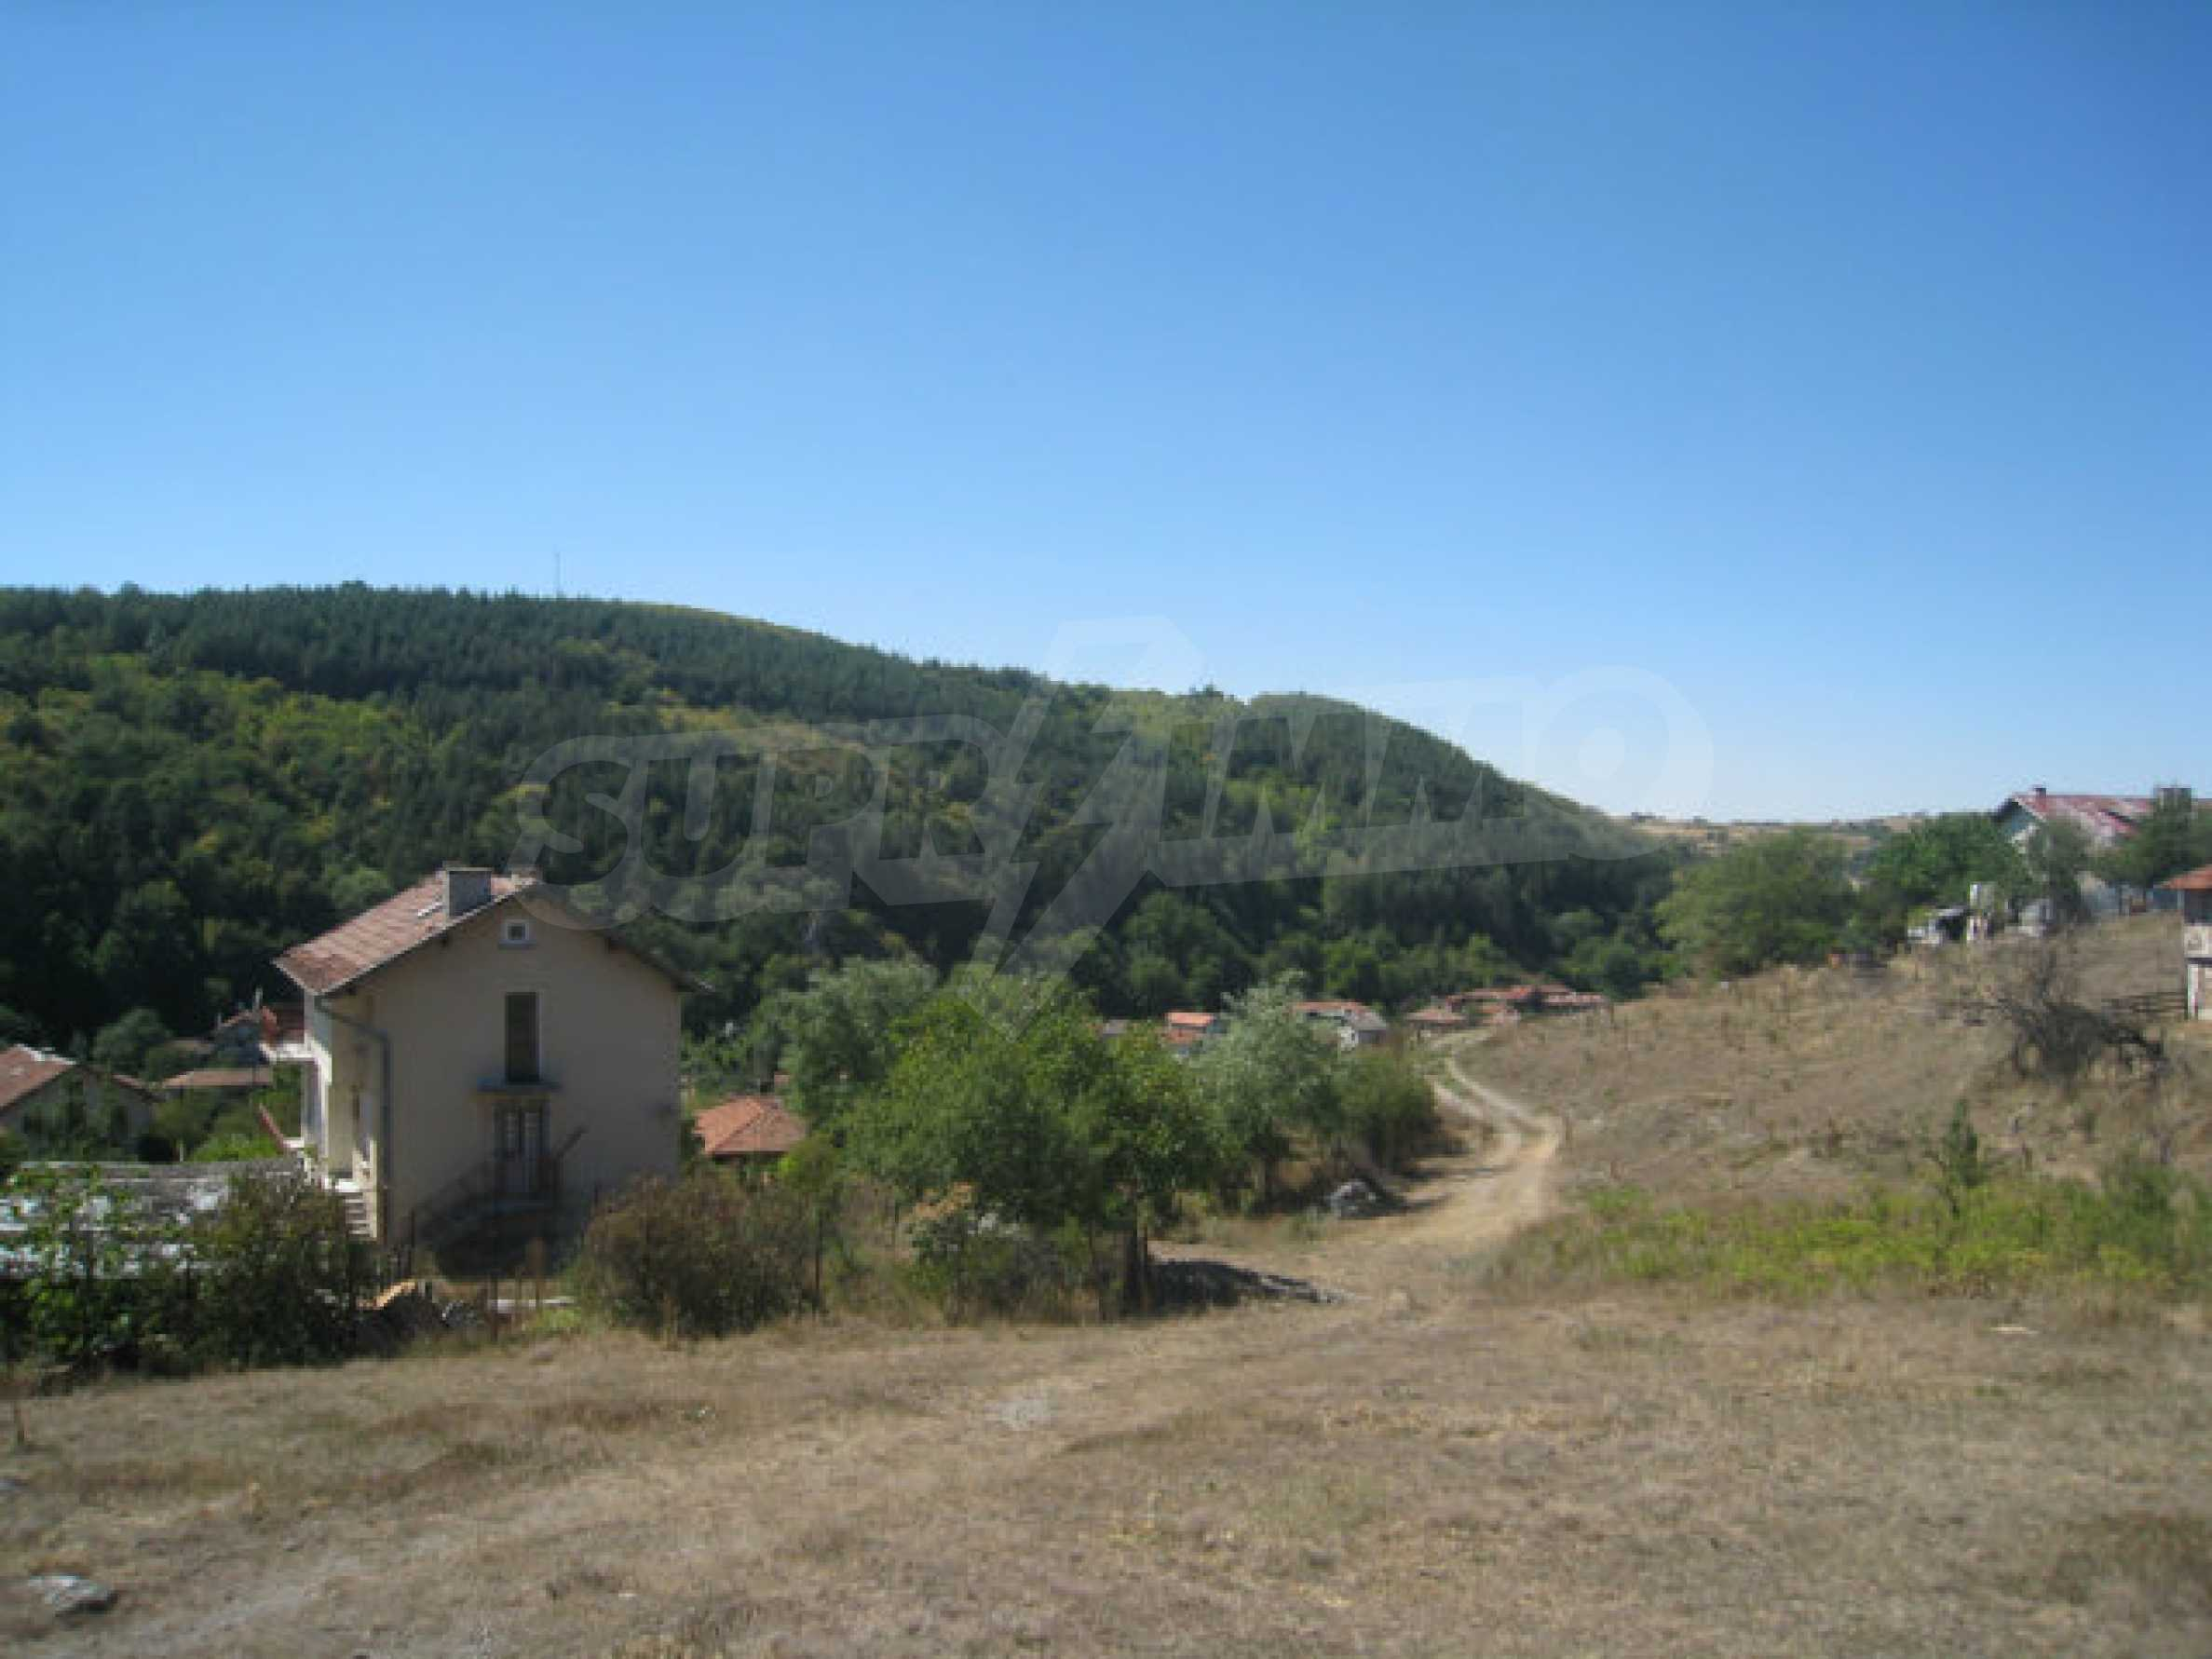 Geregeltes Baugrundstück in einem Dorf in der Nähe von Elin Pelin 7